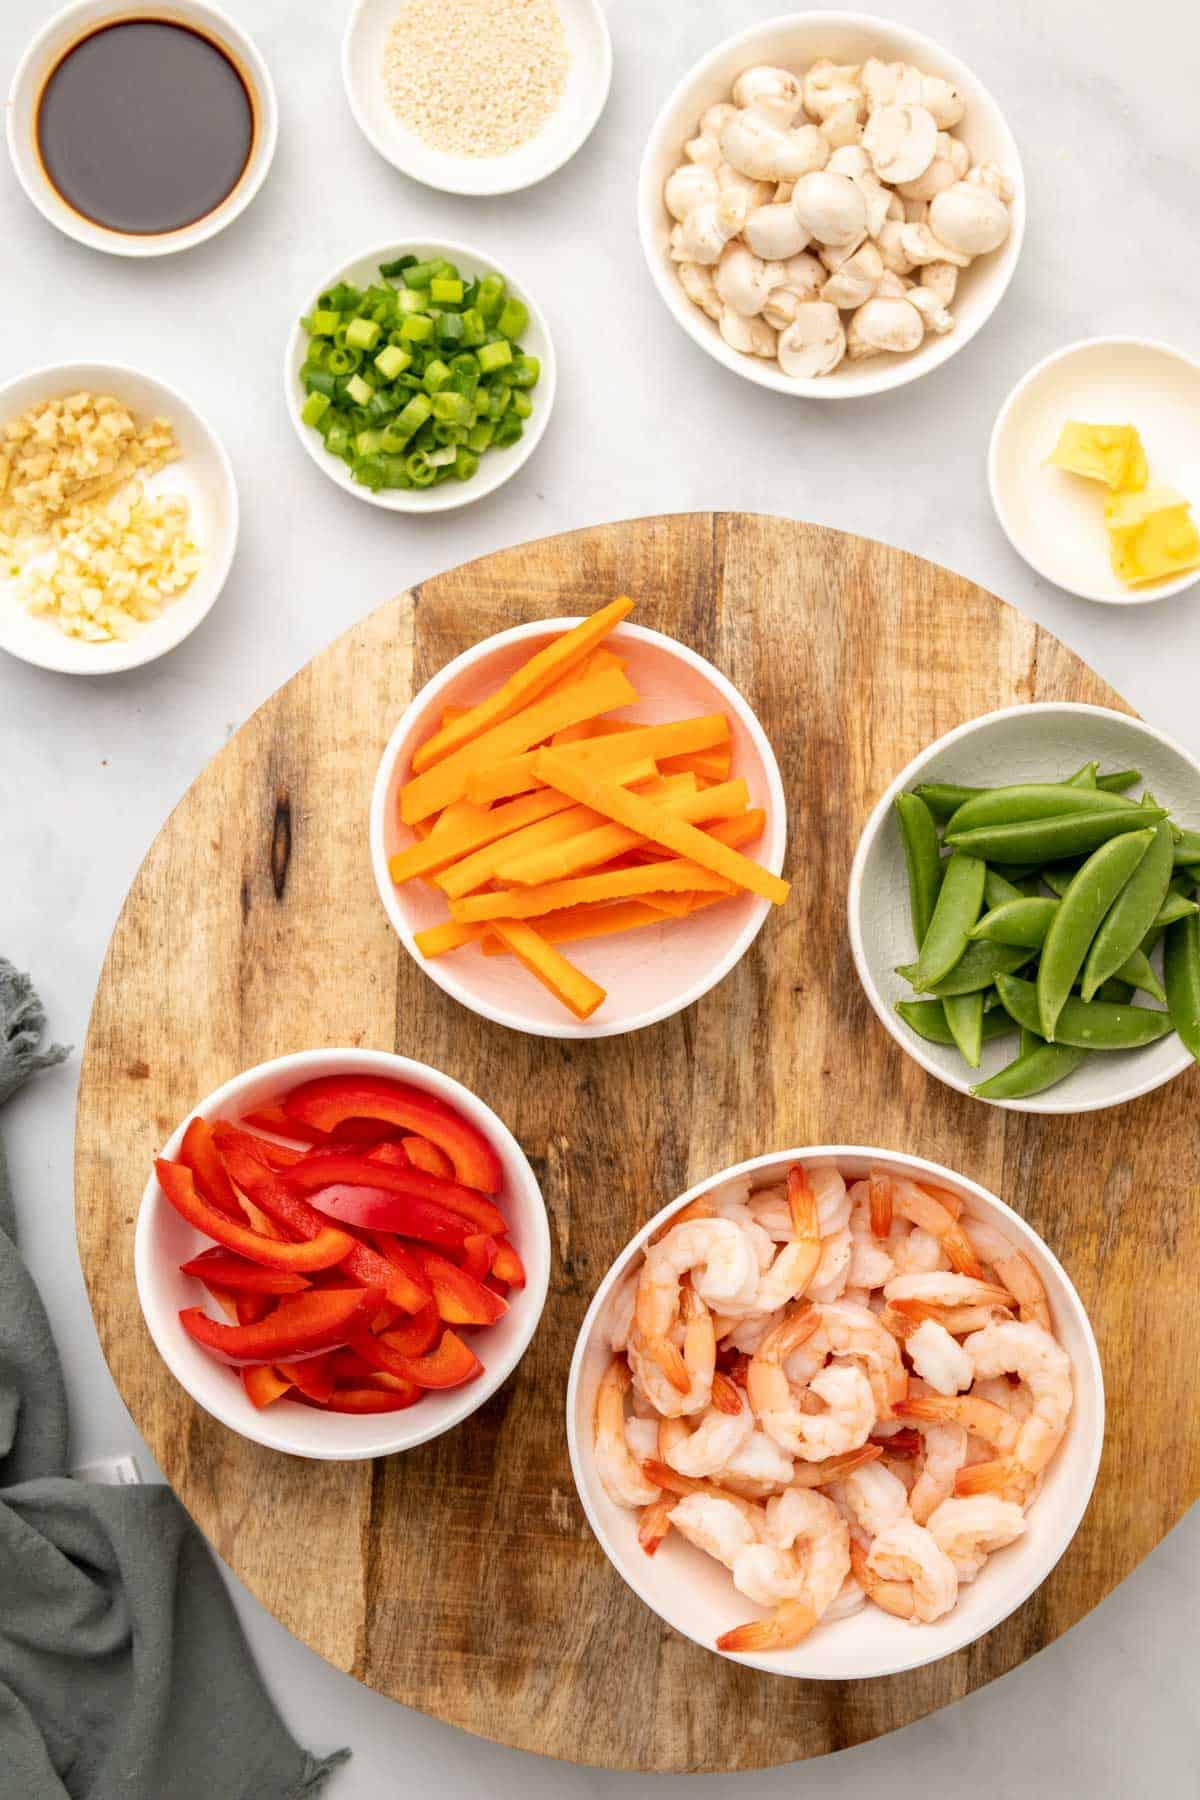 Stir fry ingredients in separate ramekins, as seen from above